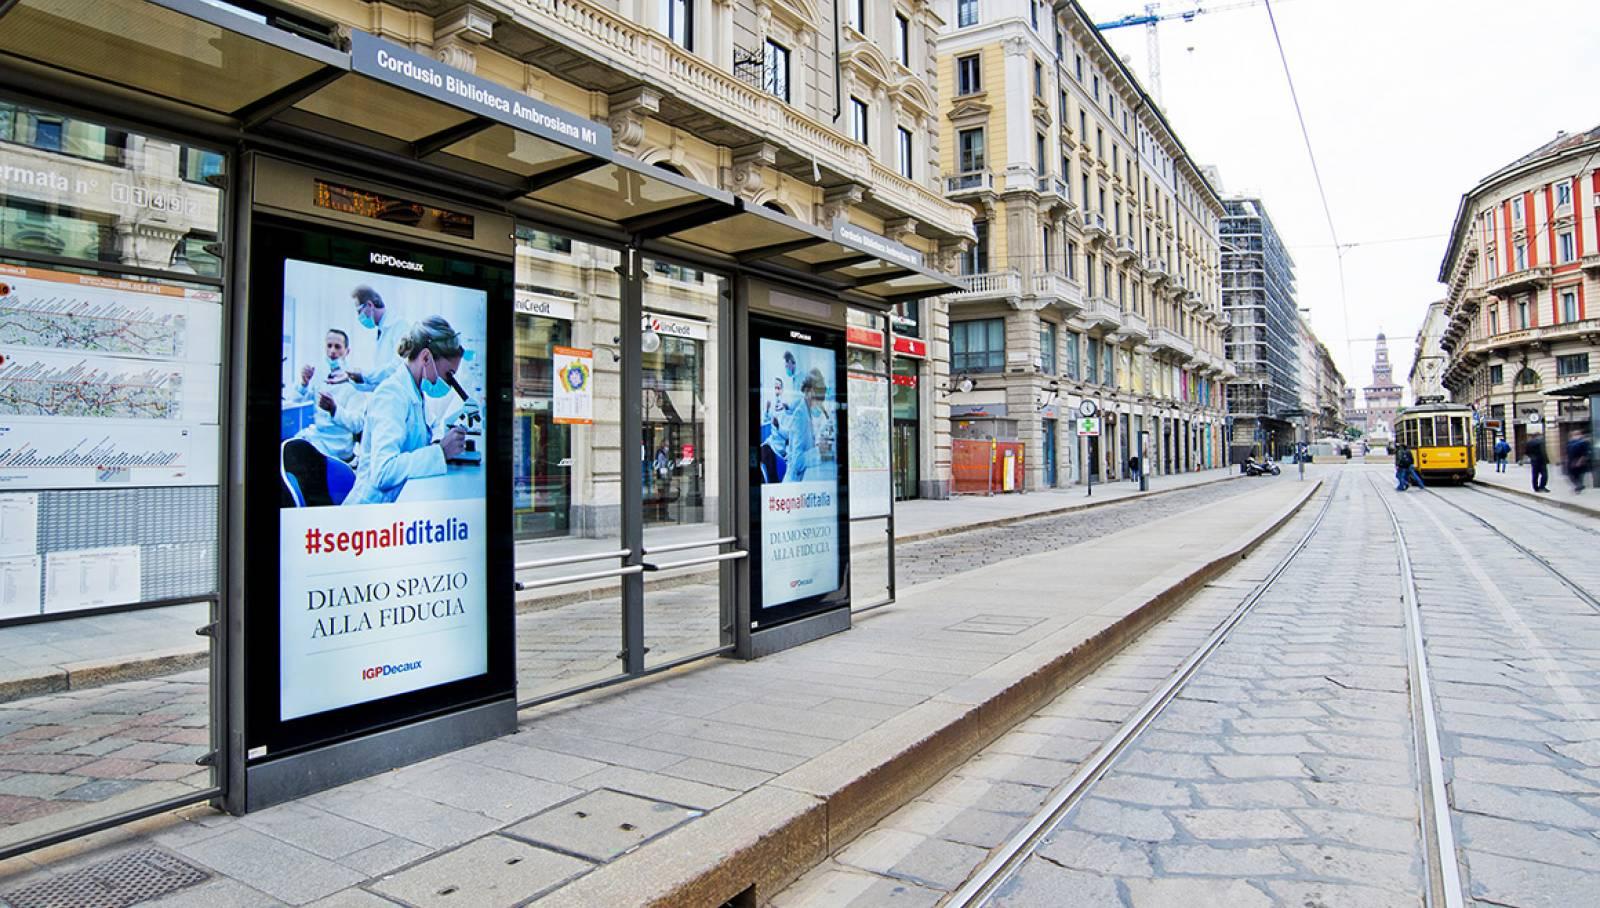 Pubblicità OOH IGPDecaux Network Vision a Milano per la Campagna istituzionale IGPDecaux Diamo spazio alla fiducia